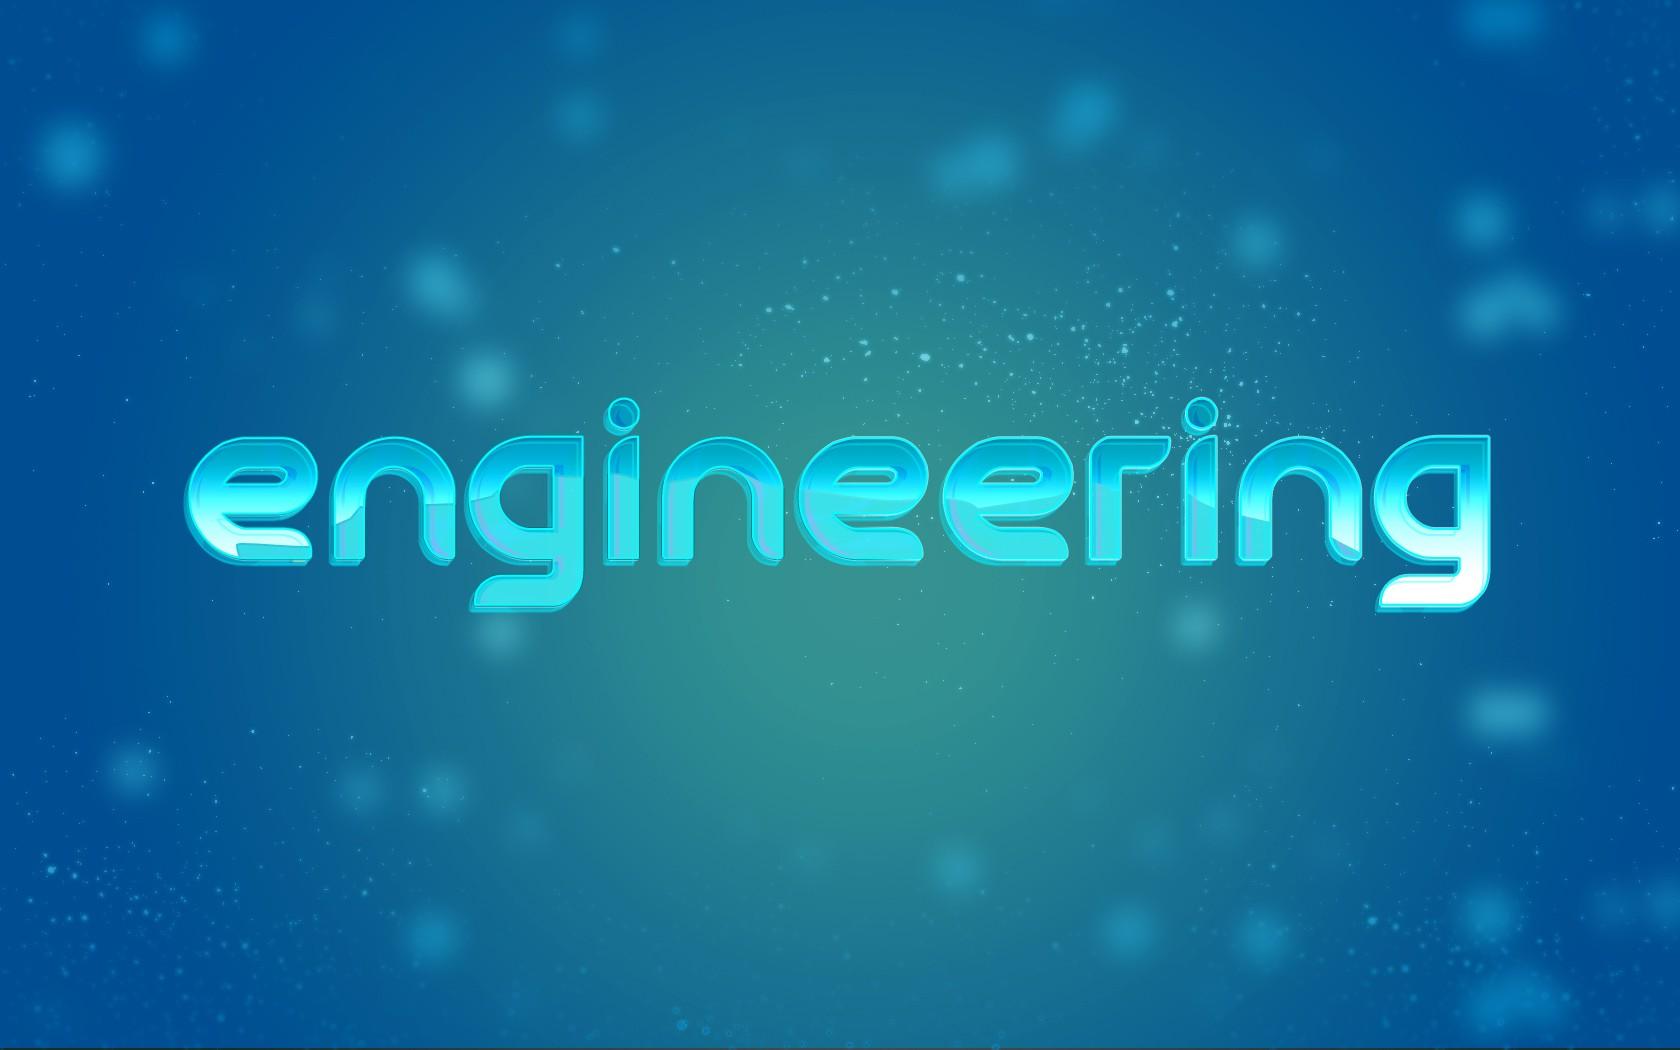 Engineering Wallpaper 1680x1050